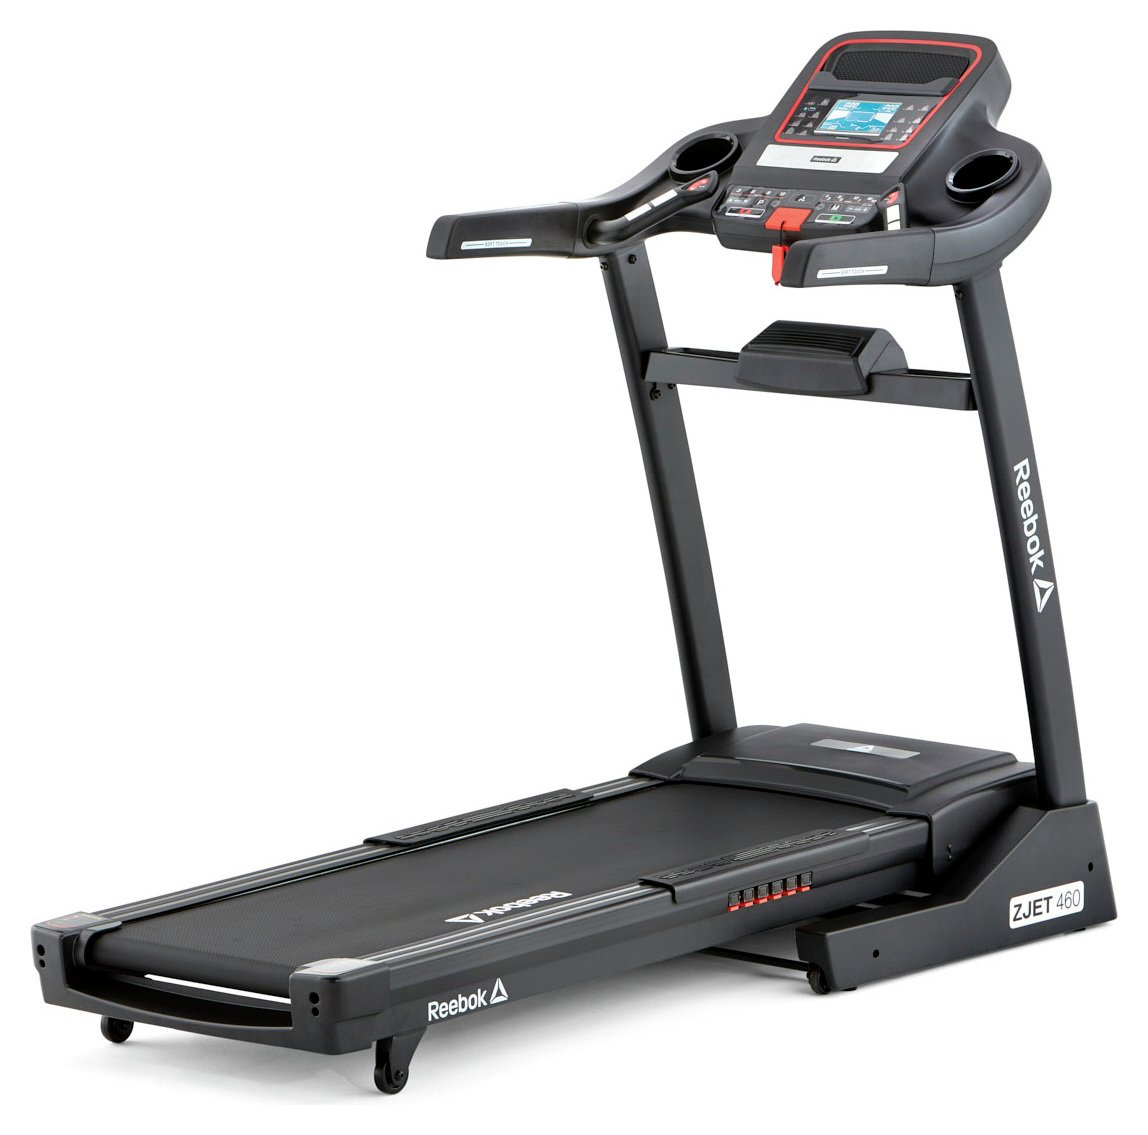 Reebok ZJET 460 Bluetooth Treadmill